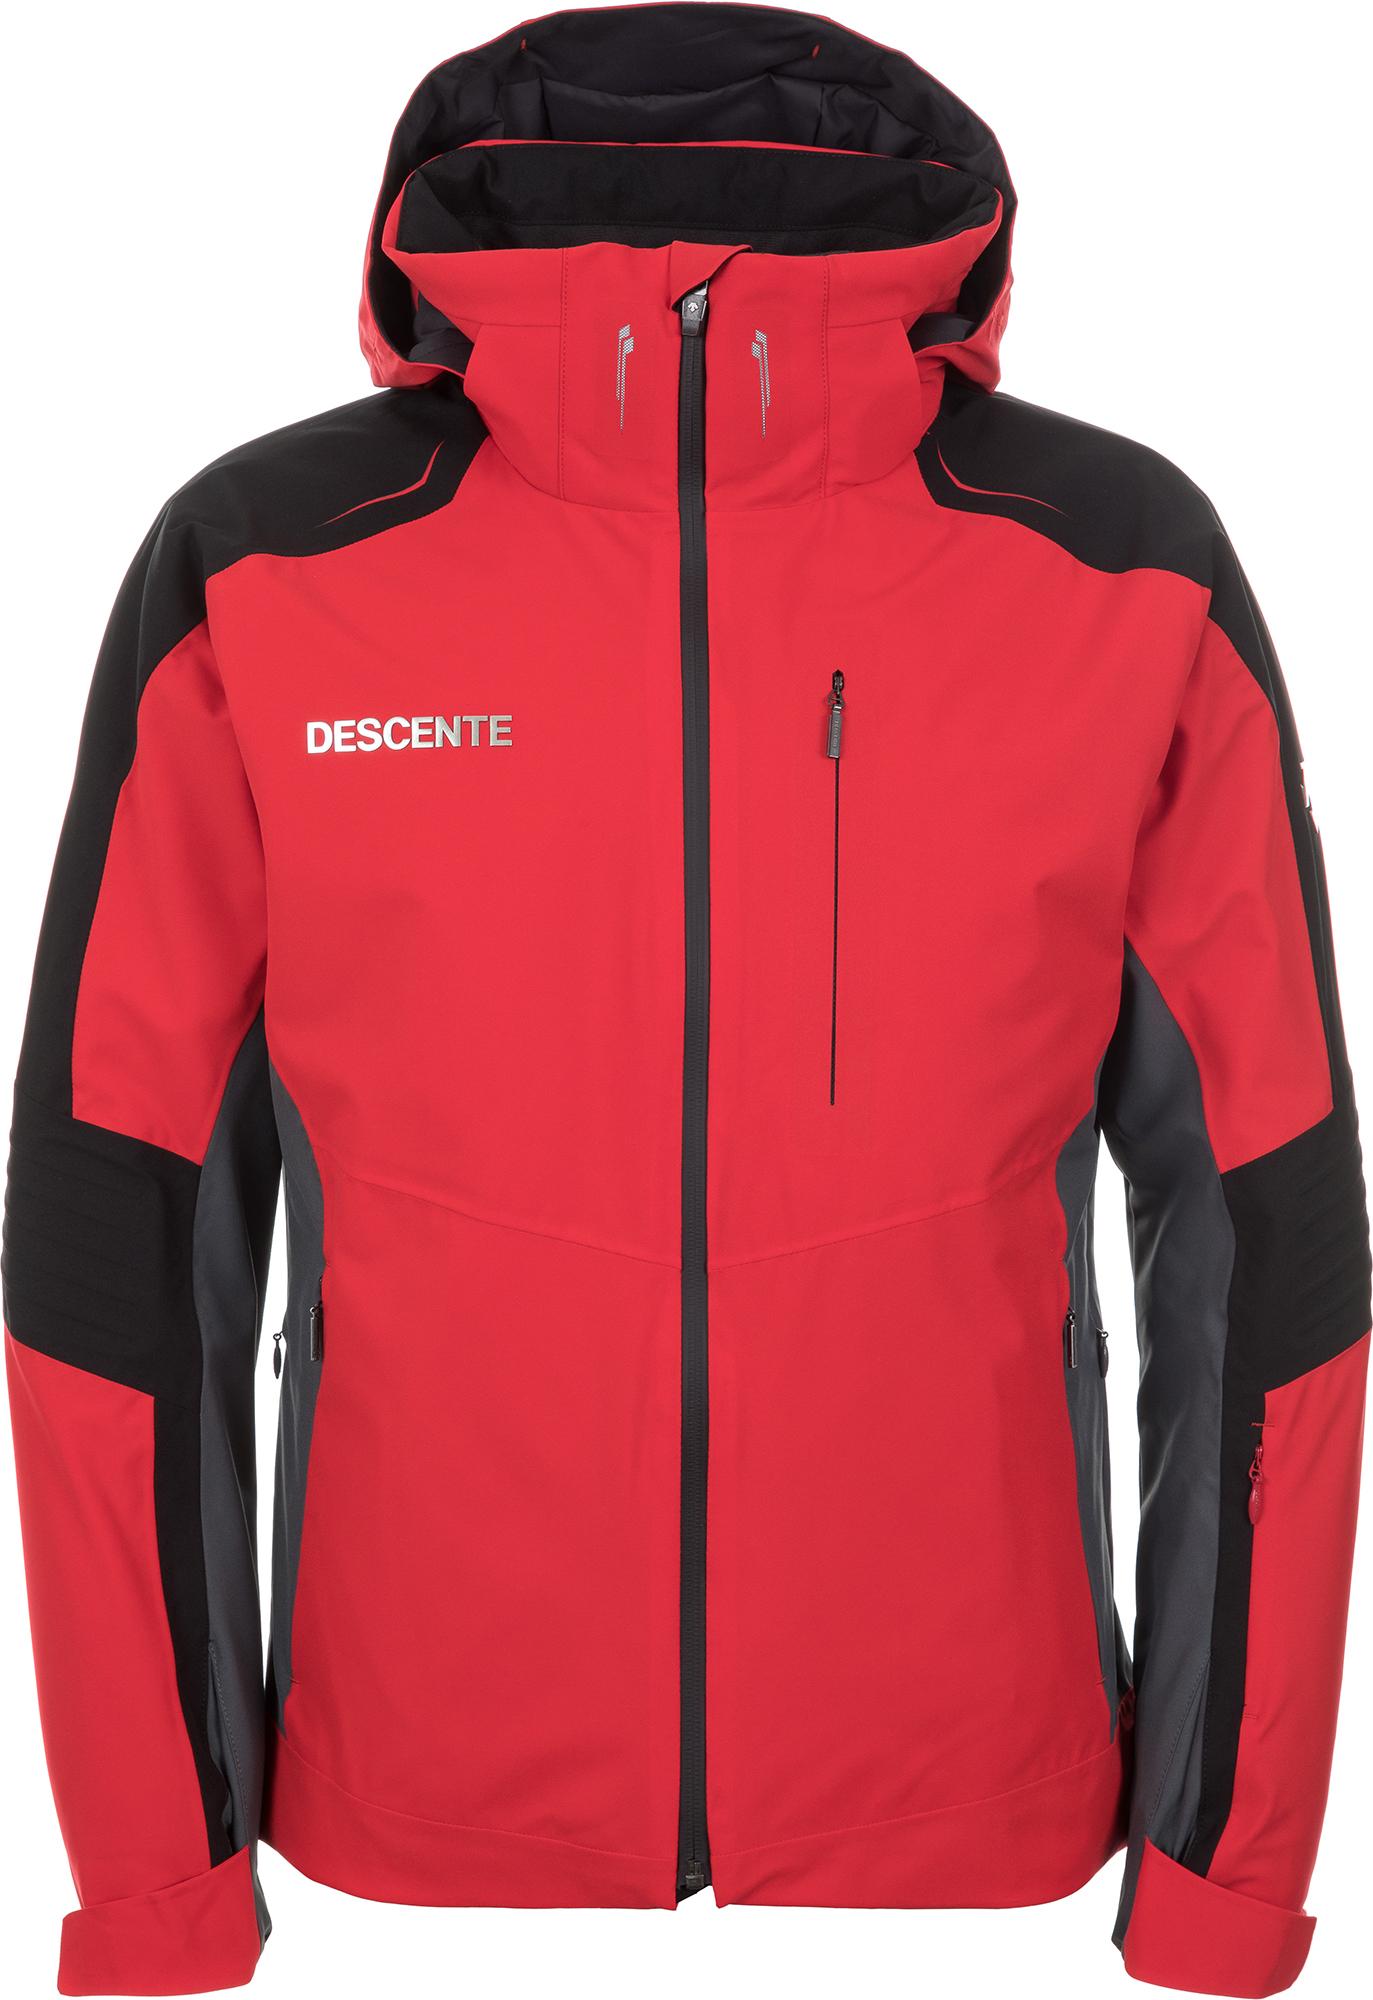 Descente Куртка утепленная мужская Descente Hector, размер 58 цена и фото